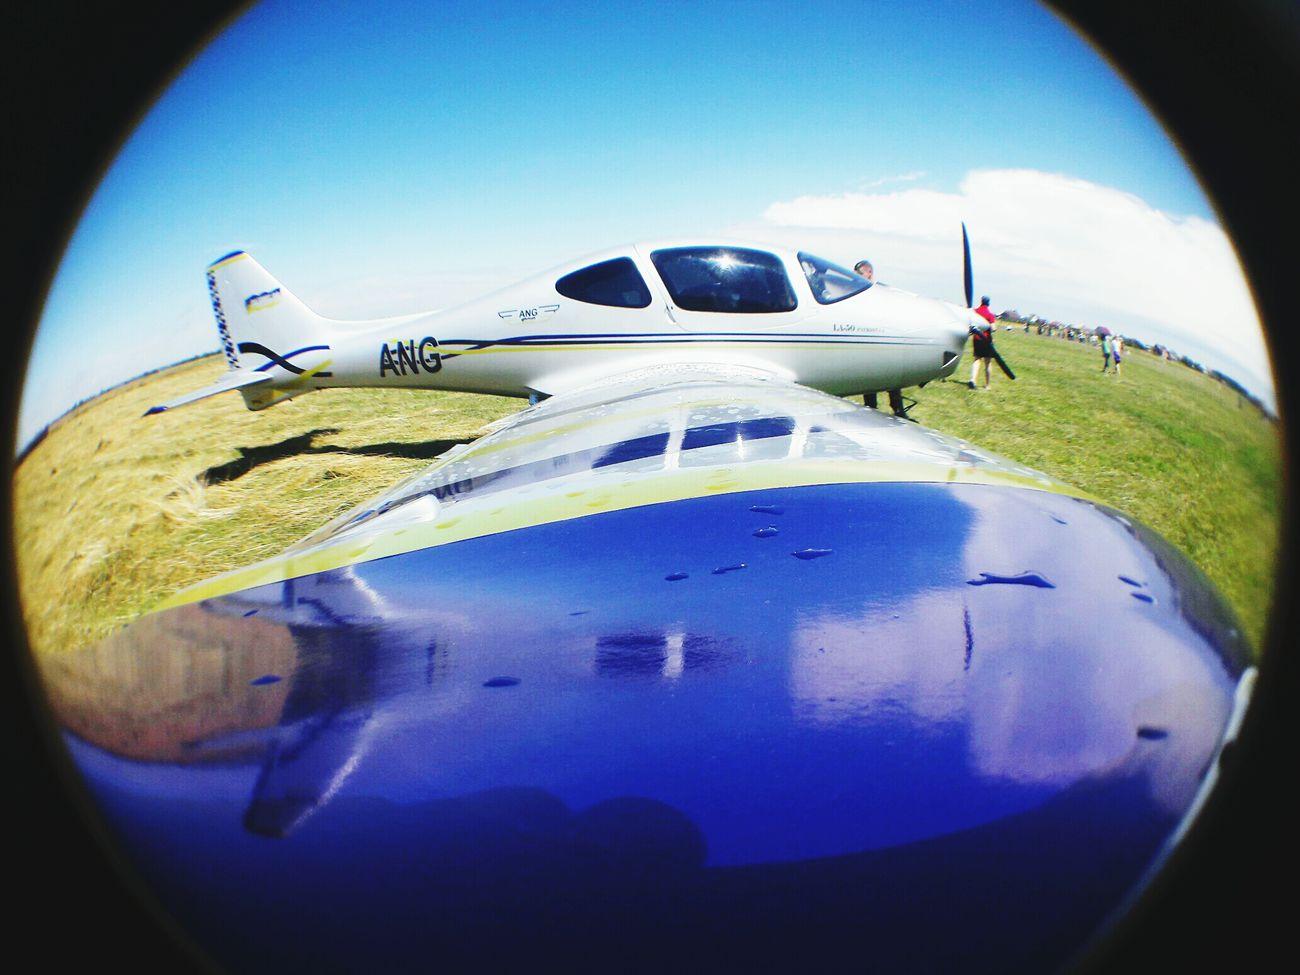 Sky Самолёты самолет Фест фестиваль Коломия літак Fest Plane Skyfest самолет летит Екстрим отличное настроение Relaxing